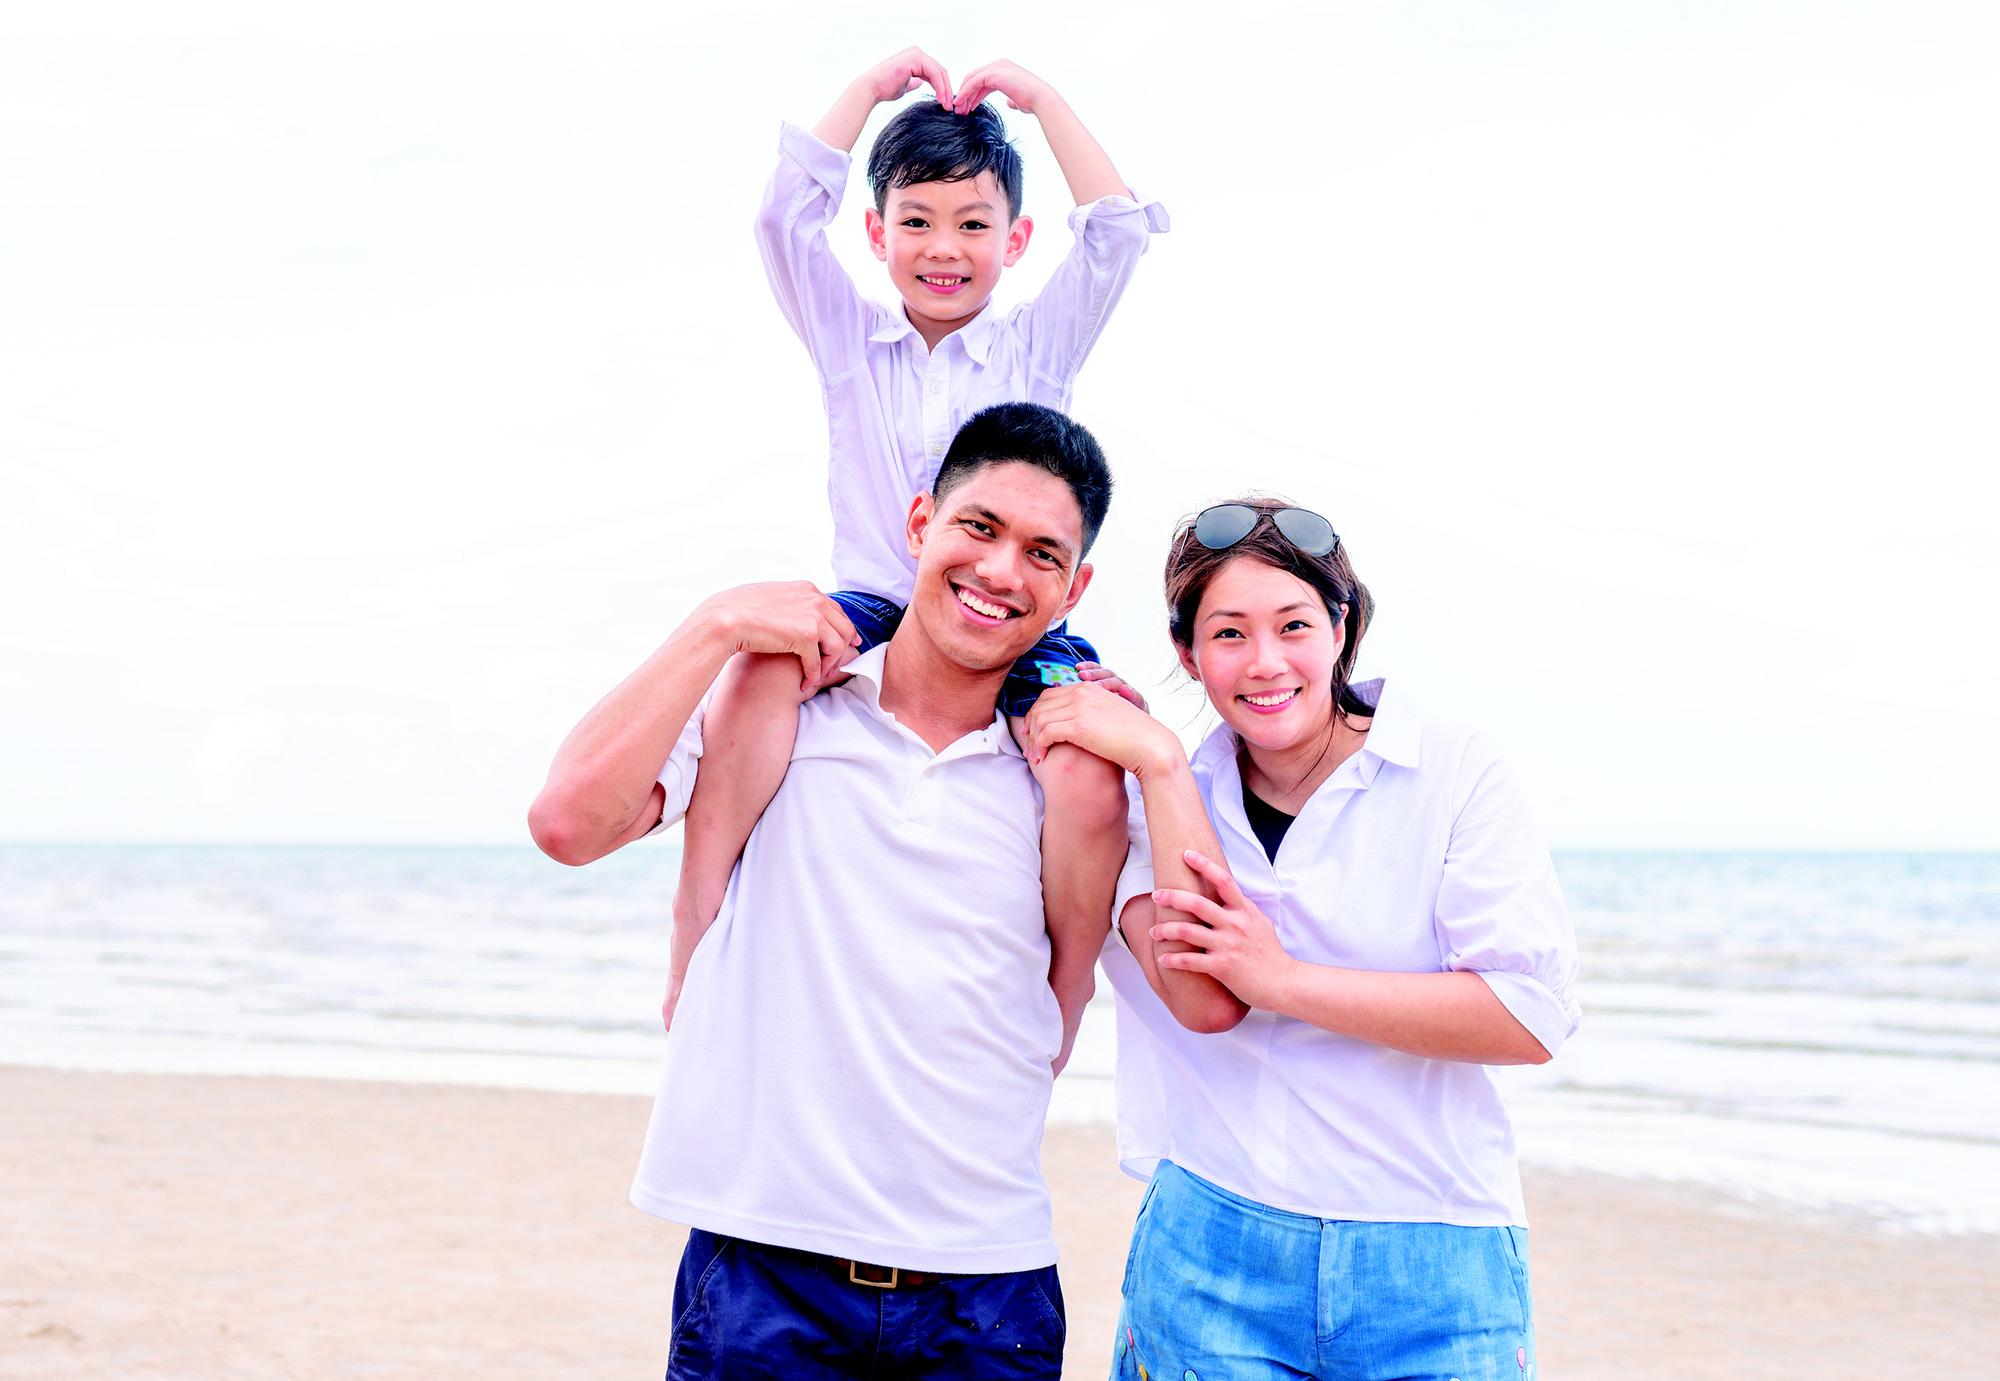 Dạy con thực hành quản lý tài chính thông qua bảo hiểm nhân thọ đang là xu hướng được nhiều cha mẹ quan tâm. (Ảnh: BVNT).